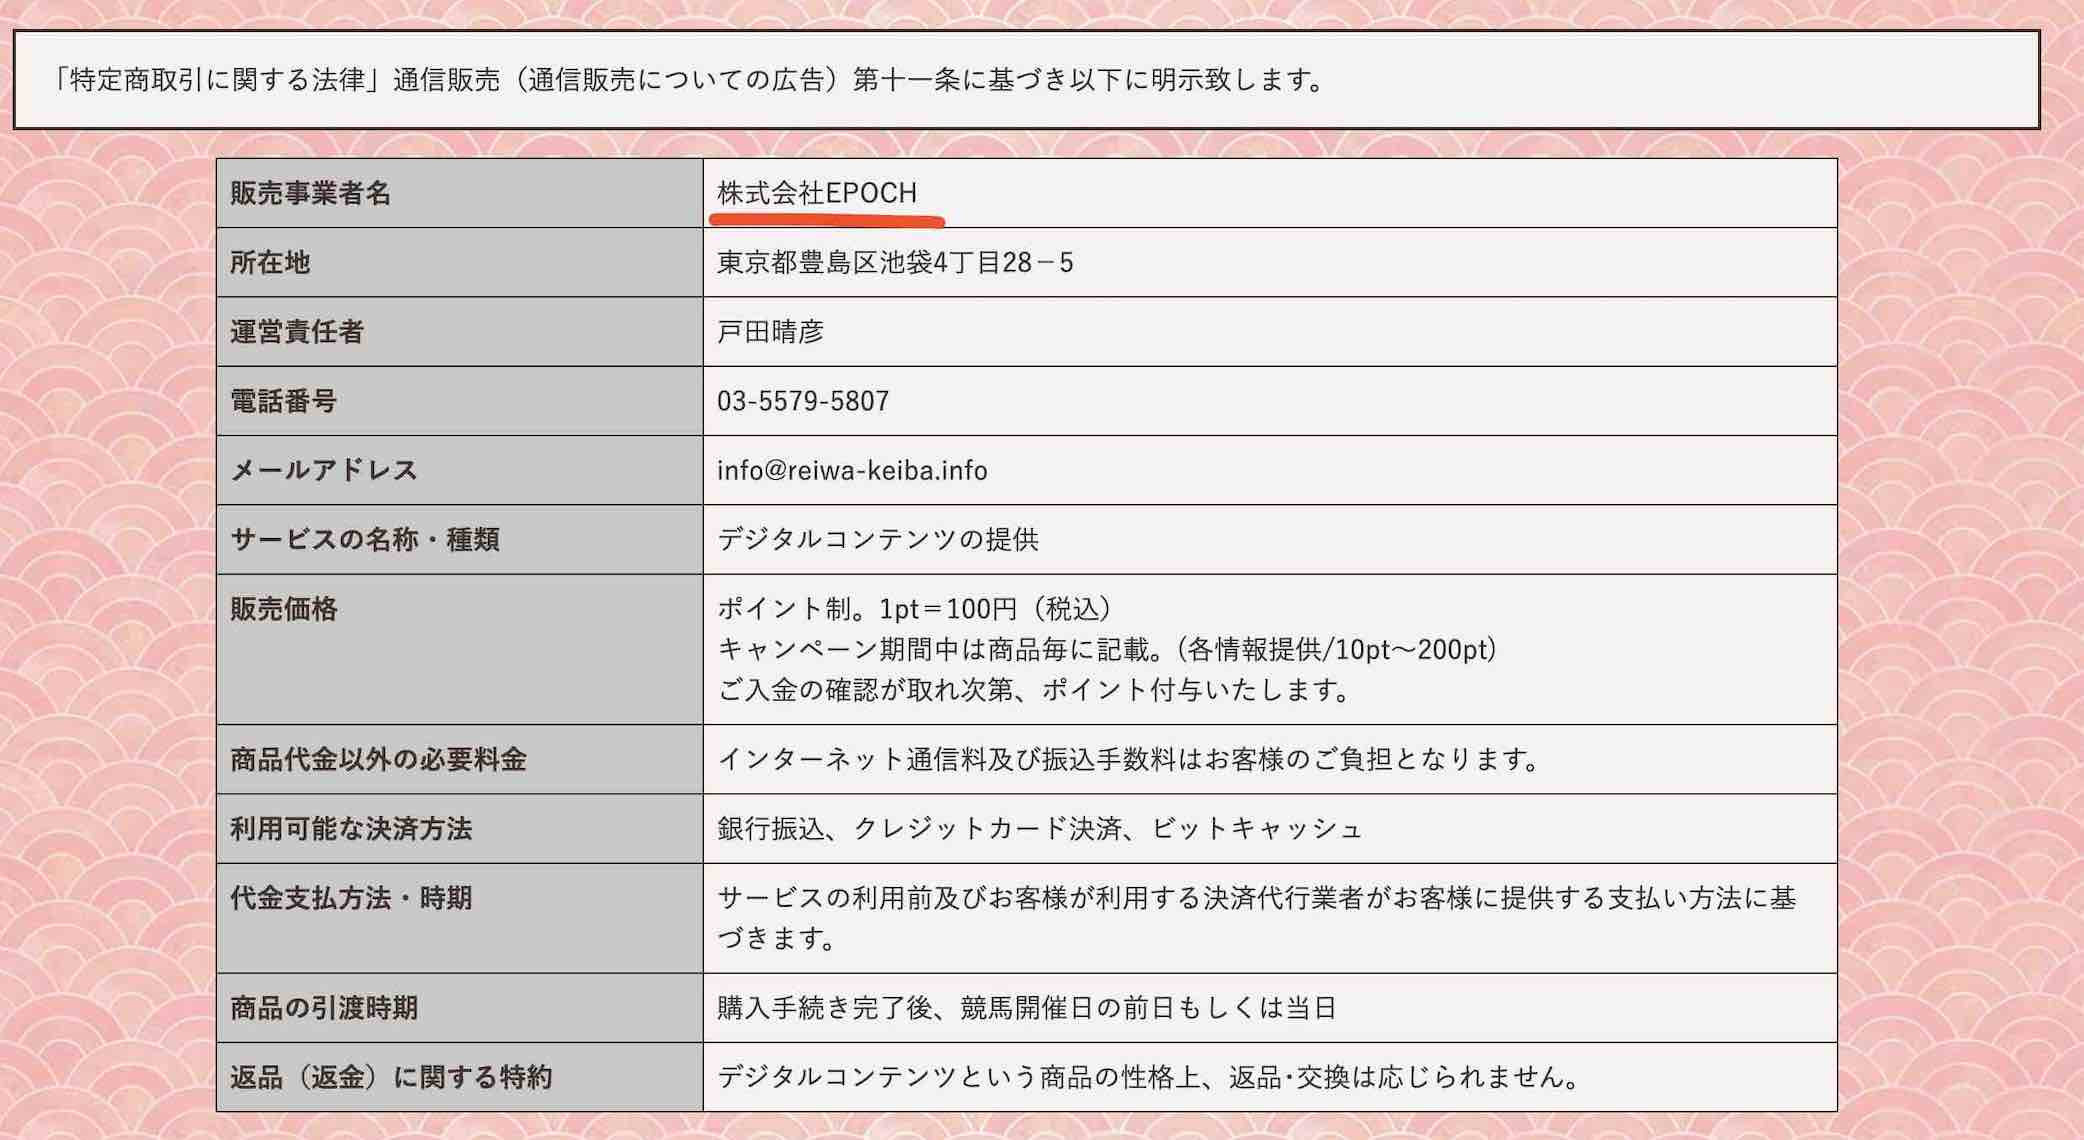 令和競馬(令和ケイバ)という競馬予想サイトの特商法ページ